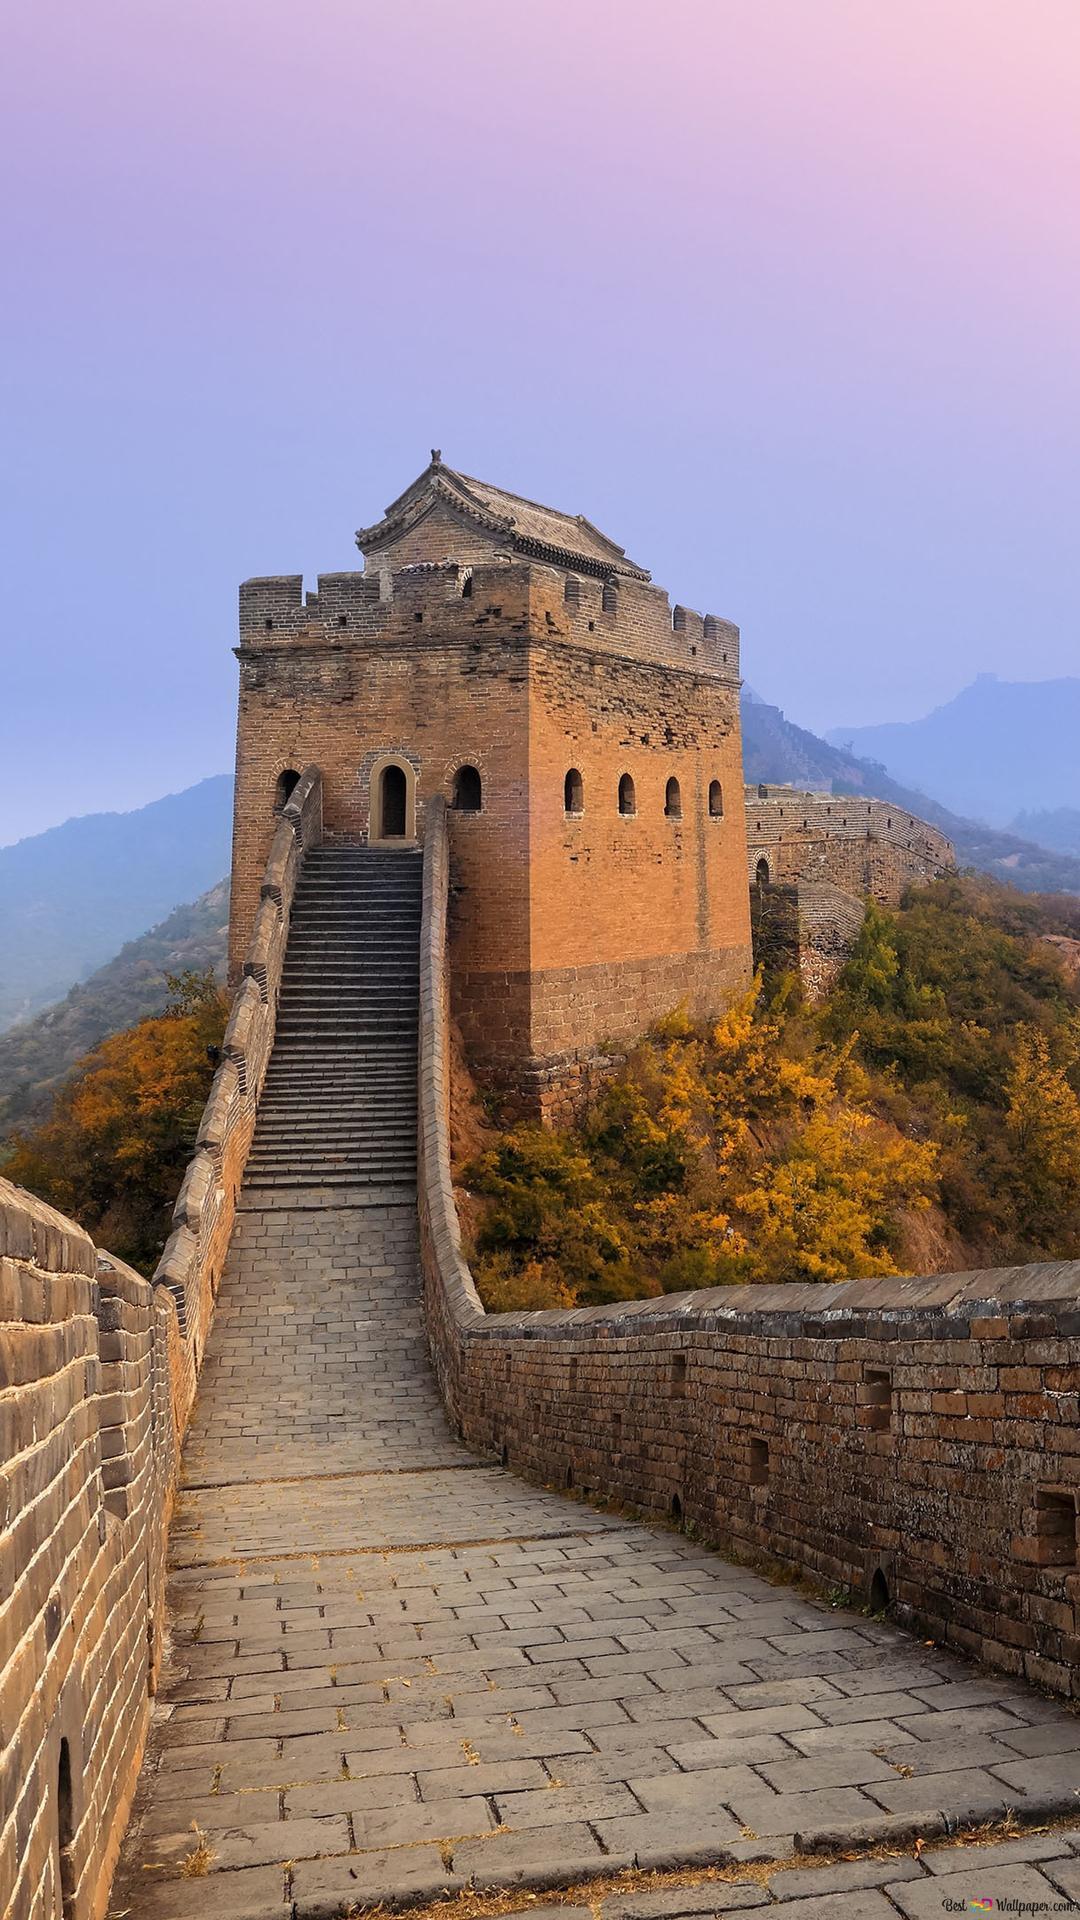 中国の万里の長城での夜の雰囲気 Hd壁紙のダウンロード